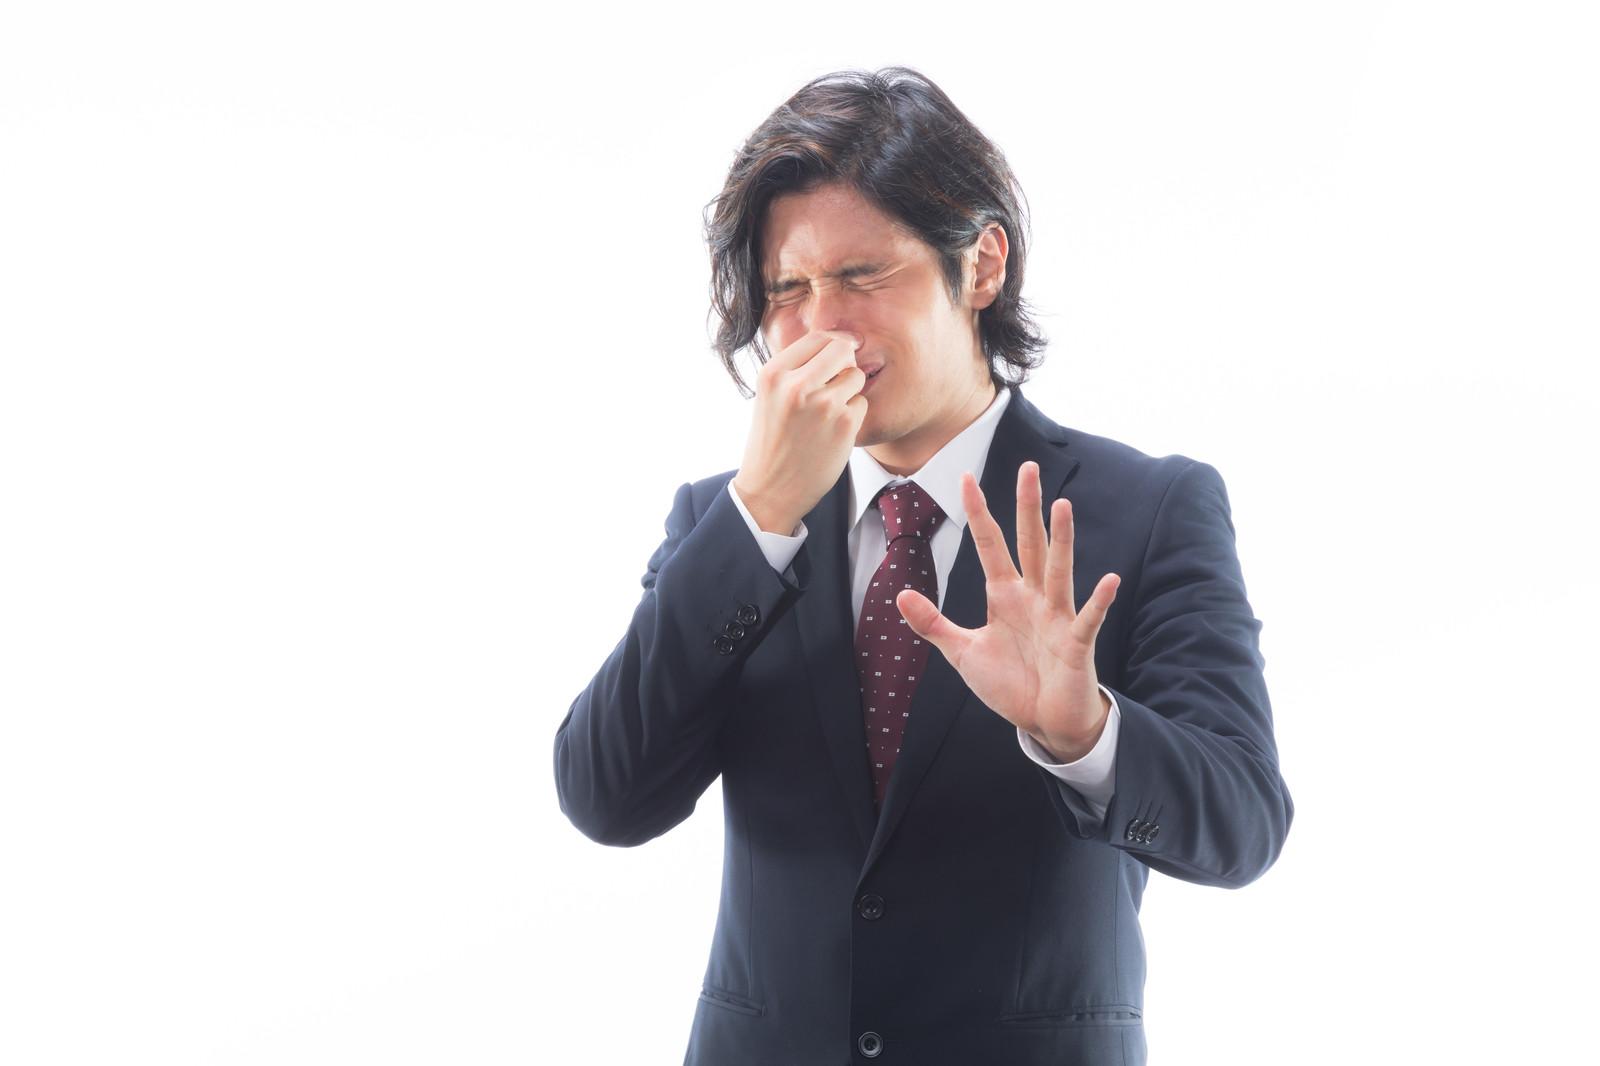 頭皮の臭いは薄毛の原因!臭いにも種類があります!サムネイル